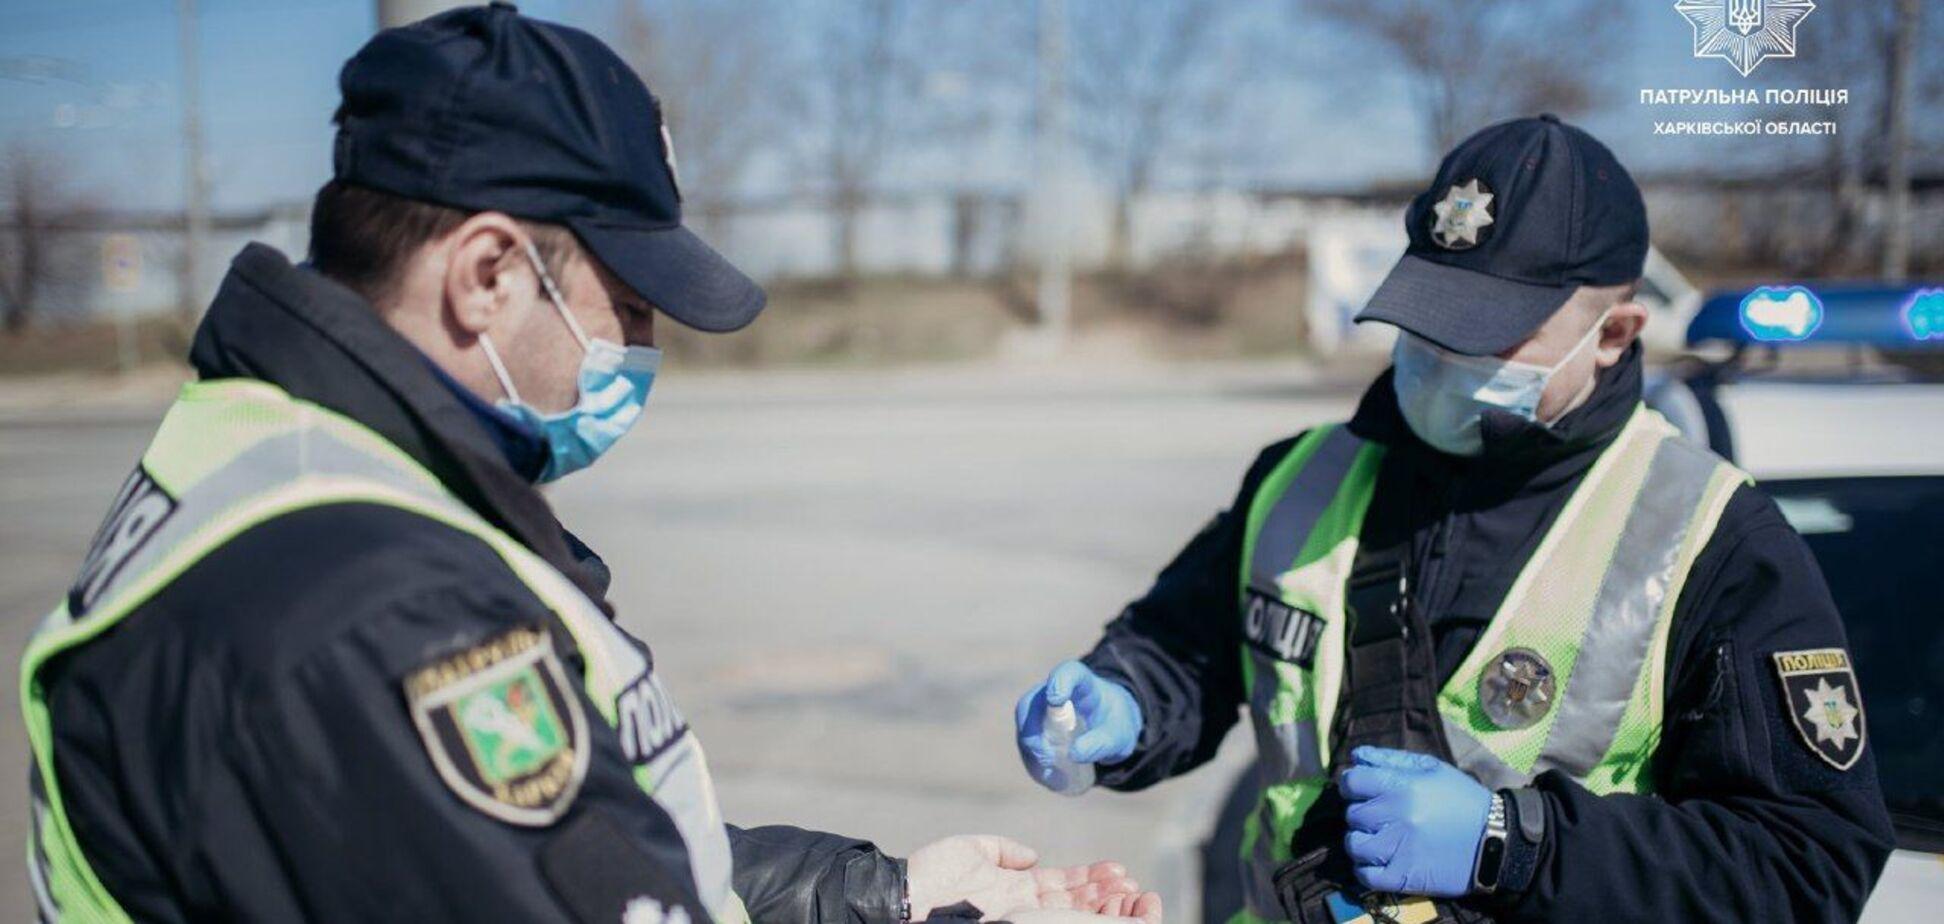 Поліцейським виділили ще 2 млрд грн із COVID-фонду